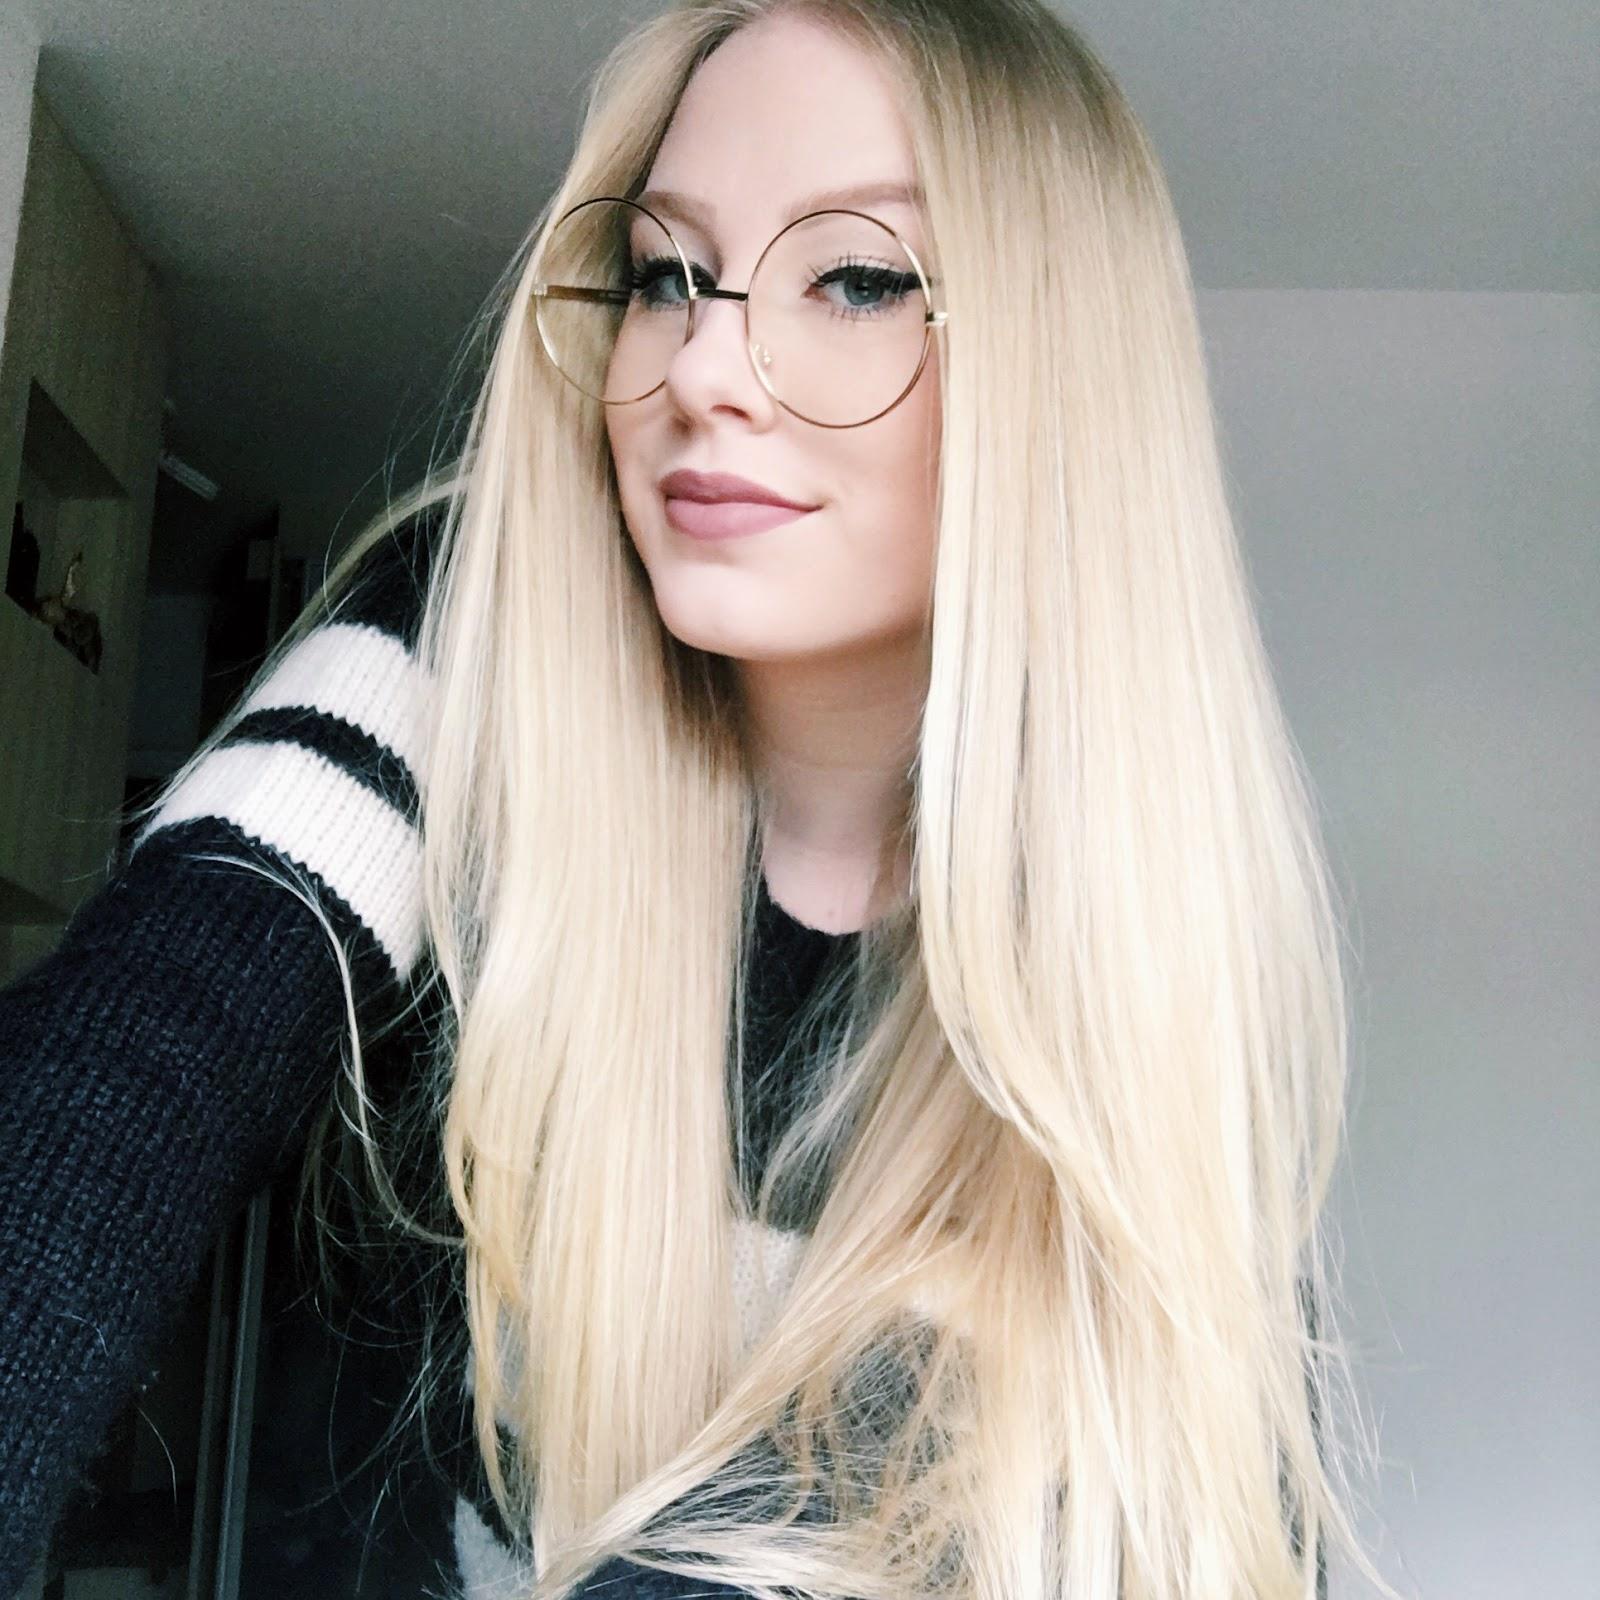 c92e67a1d0f87 Eu tenho um rosto bem grande e largo, portanto tenho uma facilidade bem  grande em encontrar óculos que se encaixem em mim, eles precisam seguir  apenas um ...